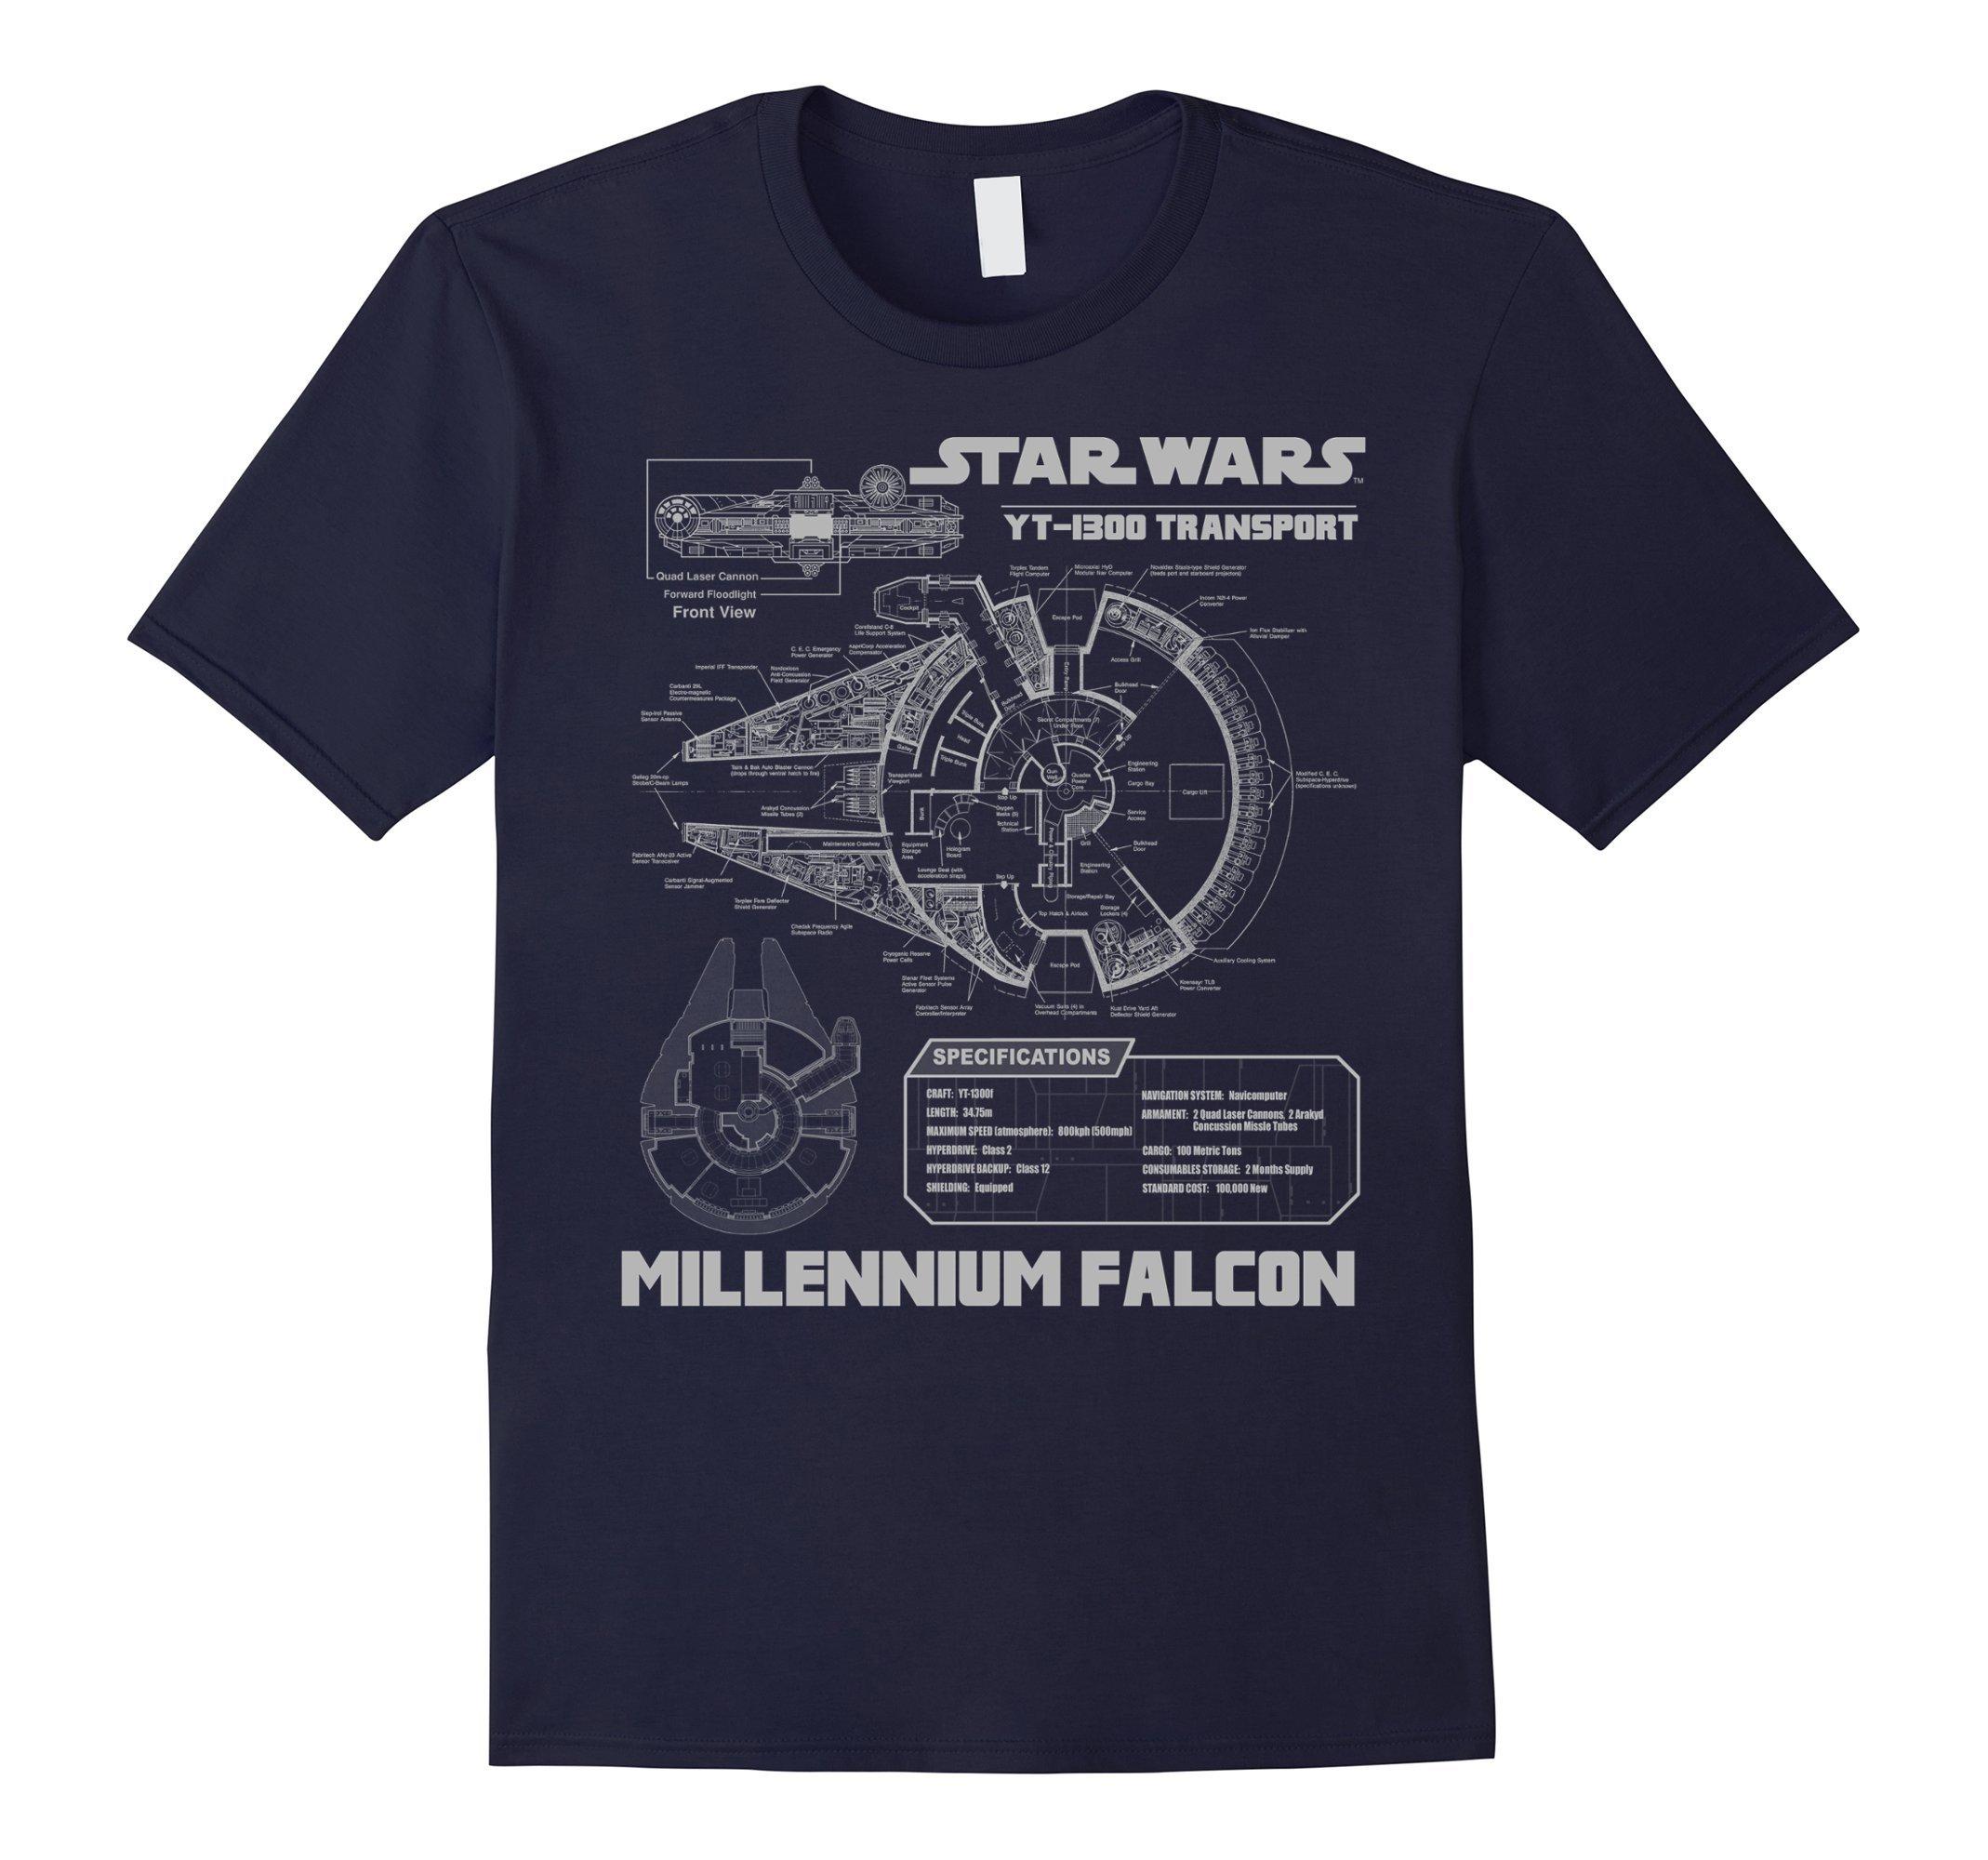 Mens Star Wars Millennium Falcon Grey Schematics Graphic T-Shirt 3XL Navy